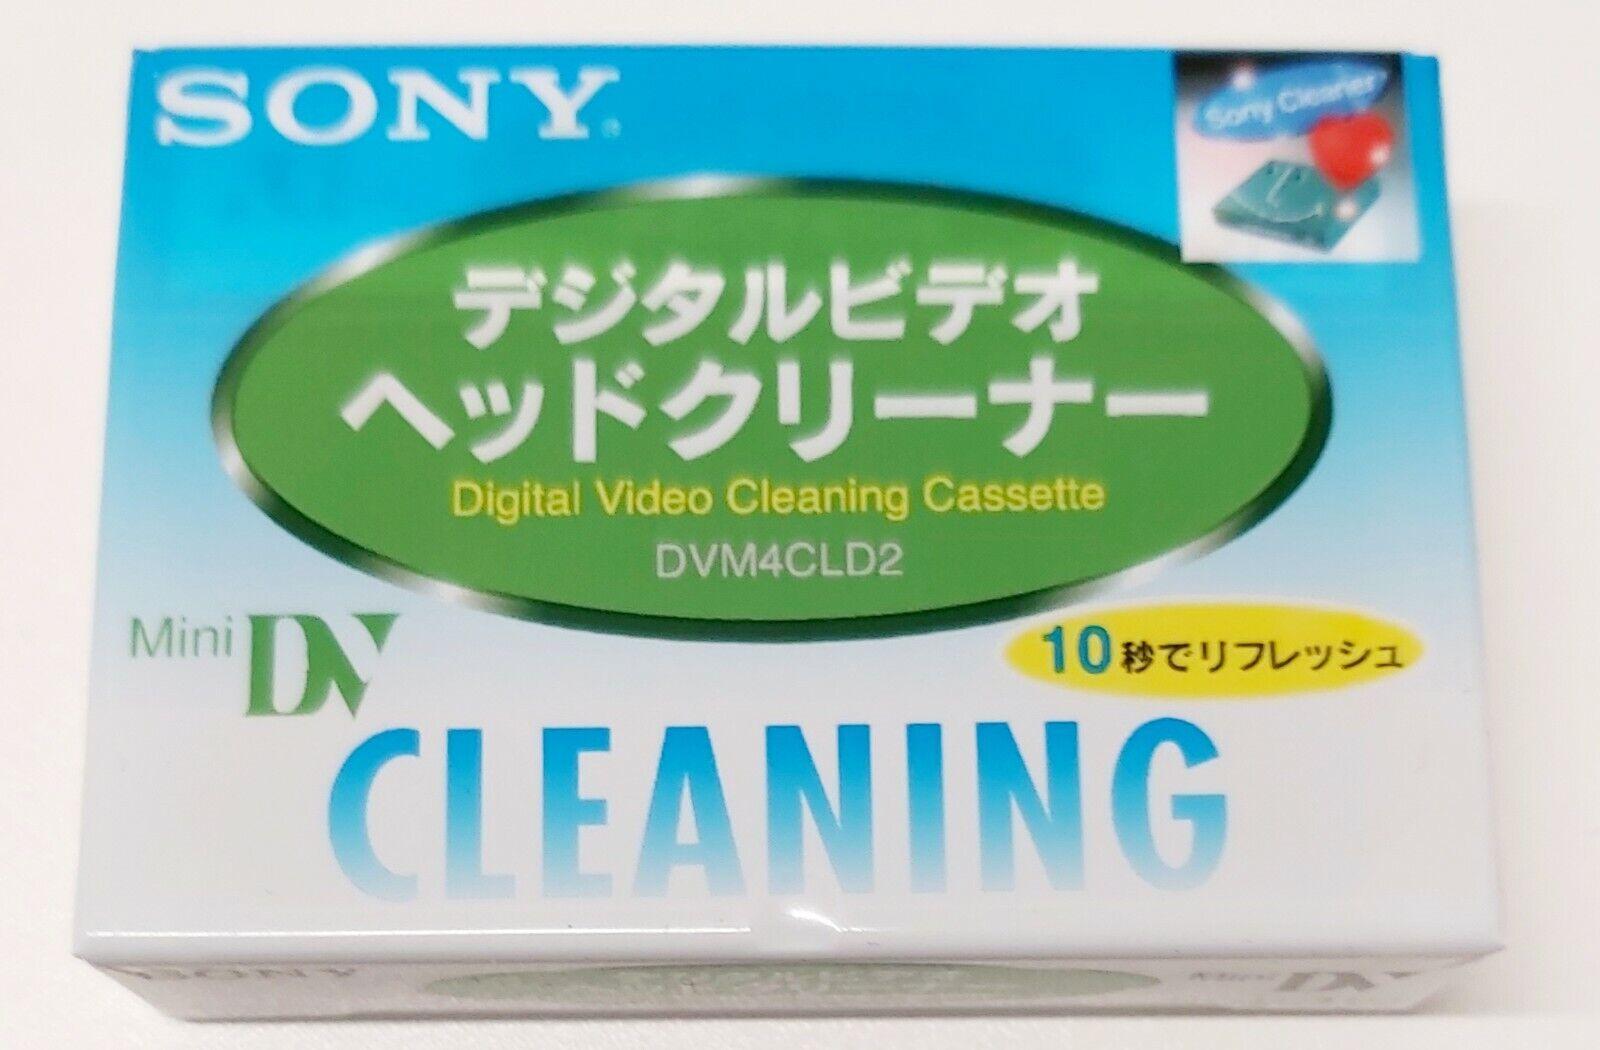 Sony DCR-VX2100 VX2100 Camcorder MiniDV Head Cleaner Cleaning Cassette Tape